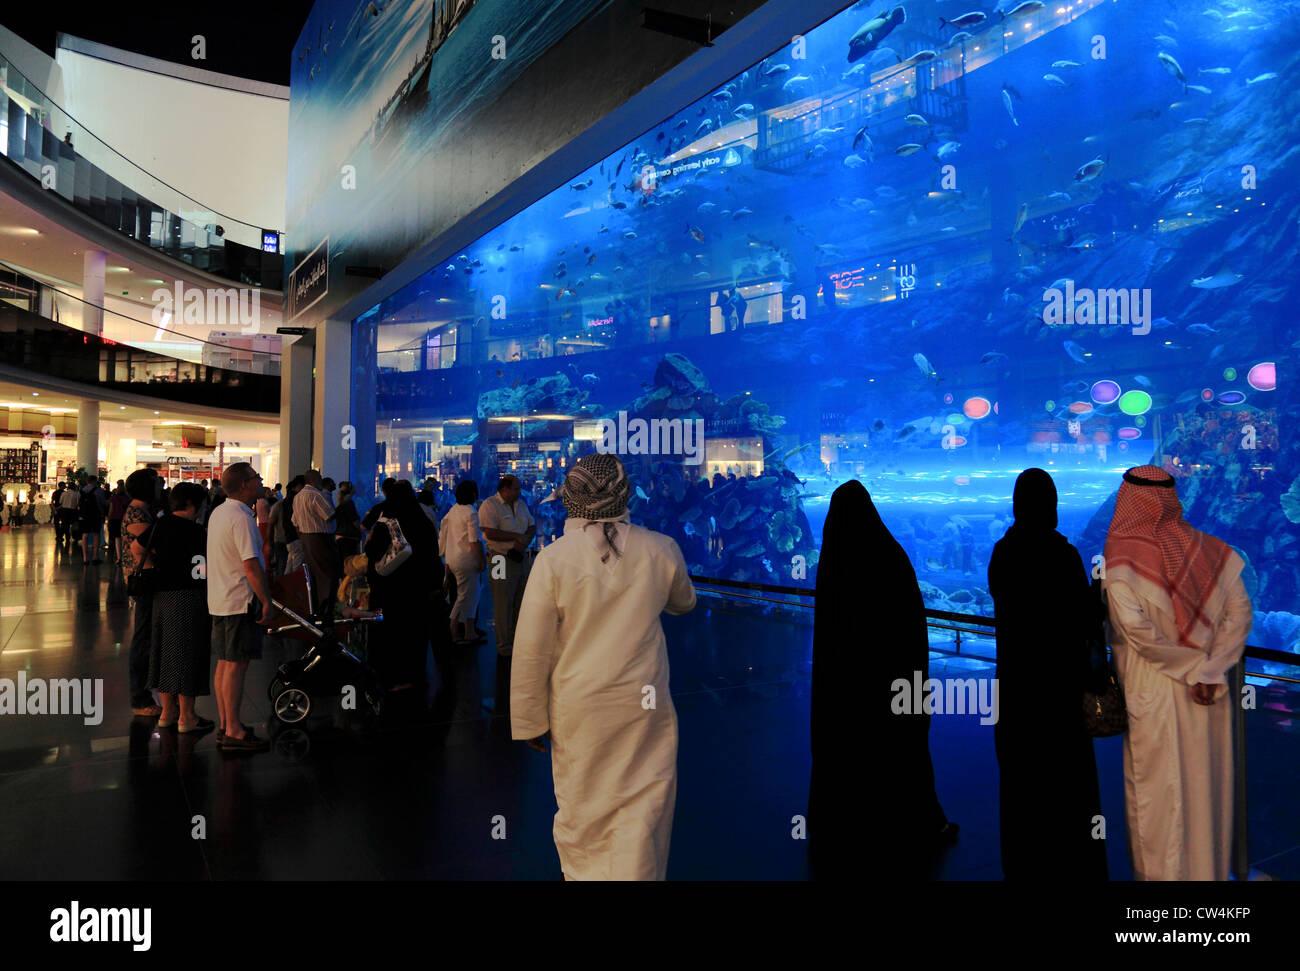 3580. Aquarium, Centre Commercial de Dubaï, DUBAÏ, ÉMIRATS ARABES UNIS. Photo Stock